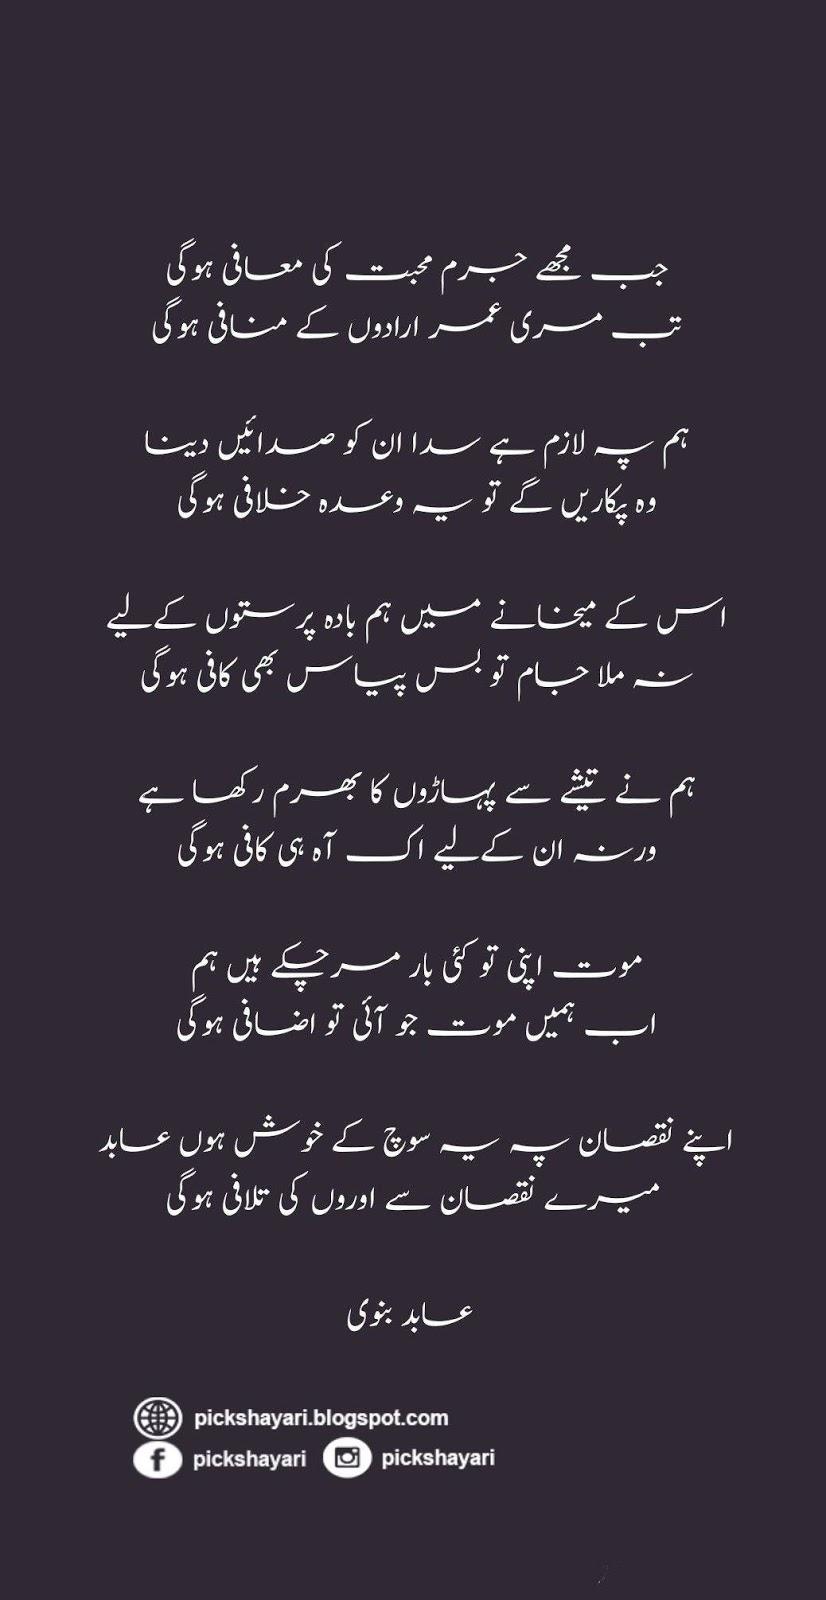 Sad Ghazal in Urdu - best sad poetry